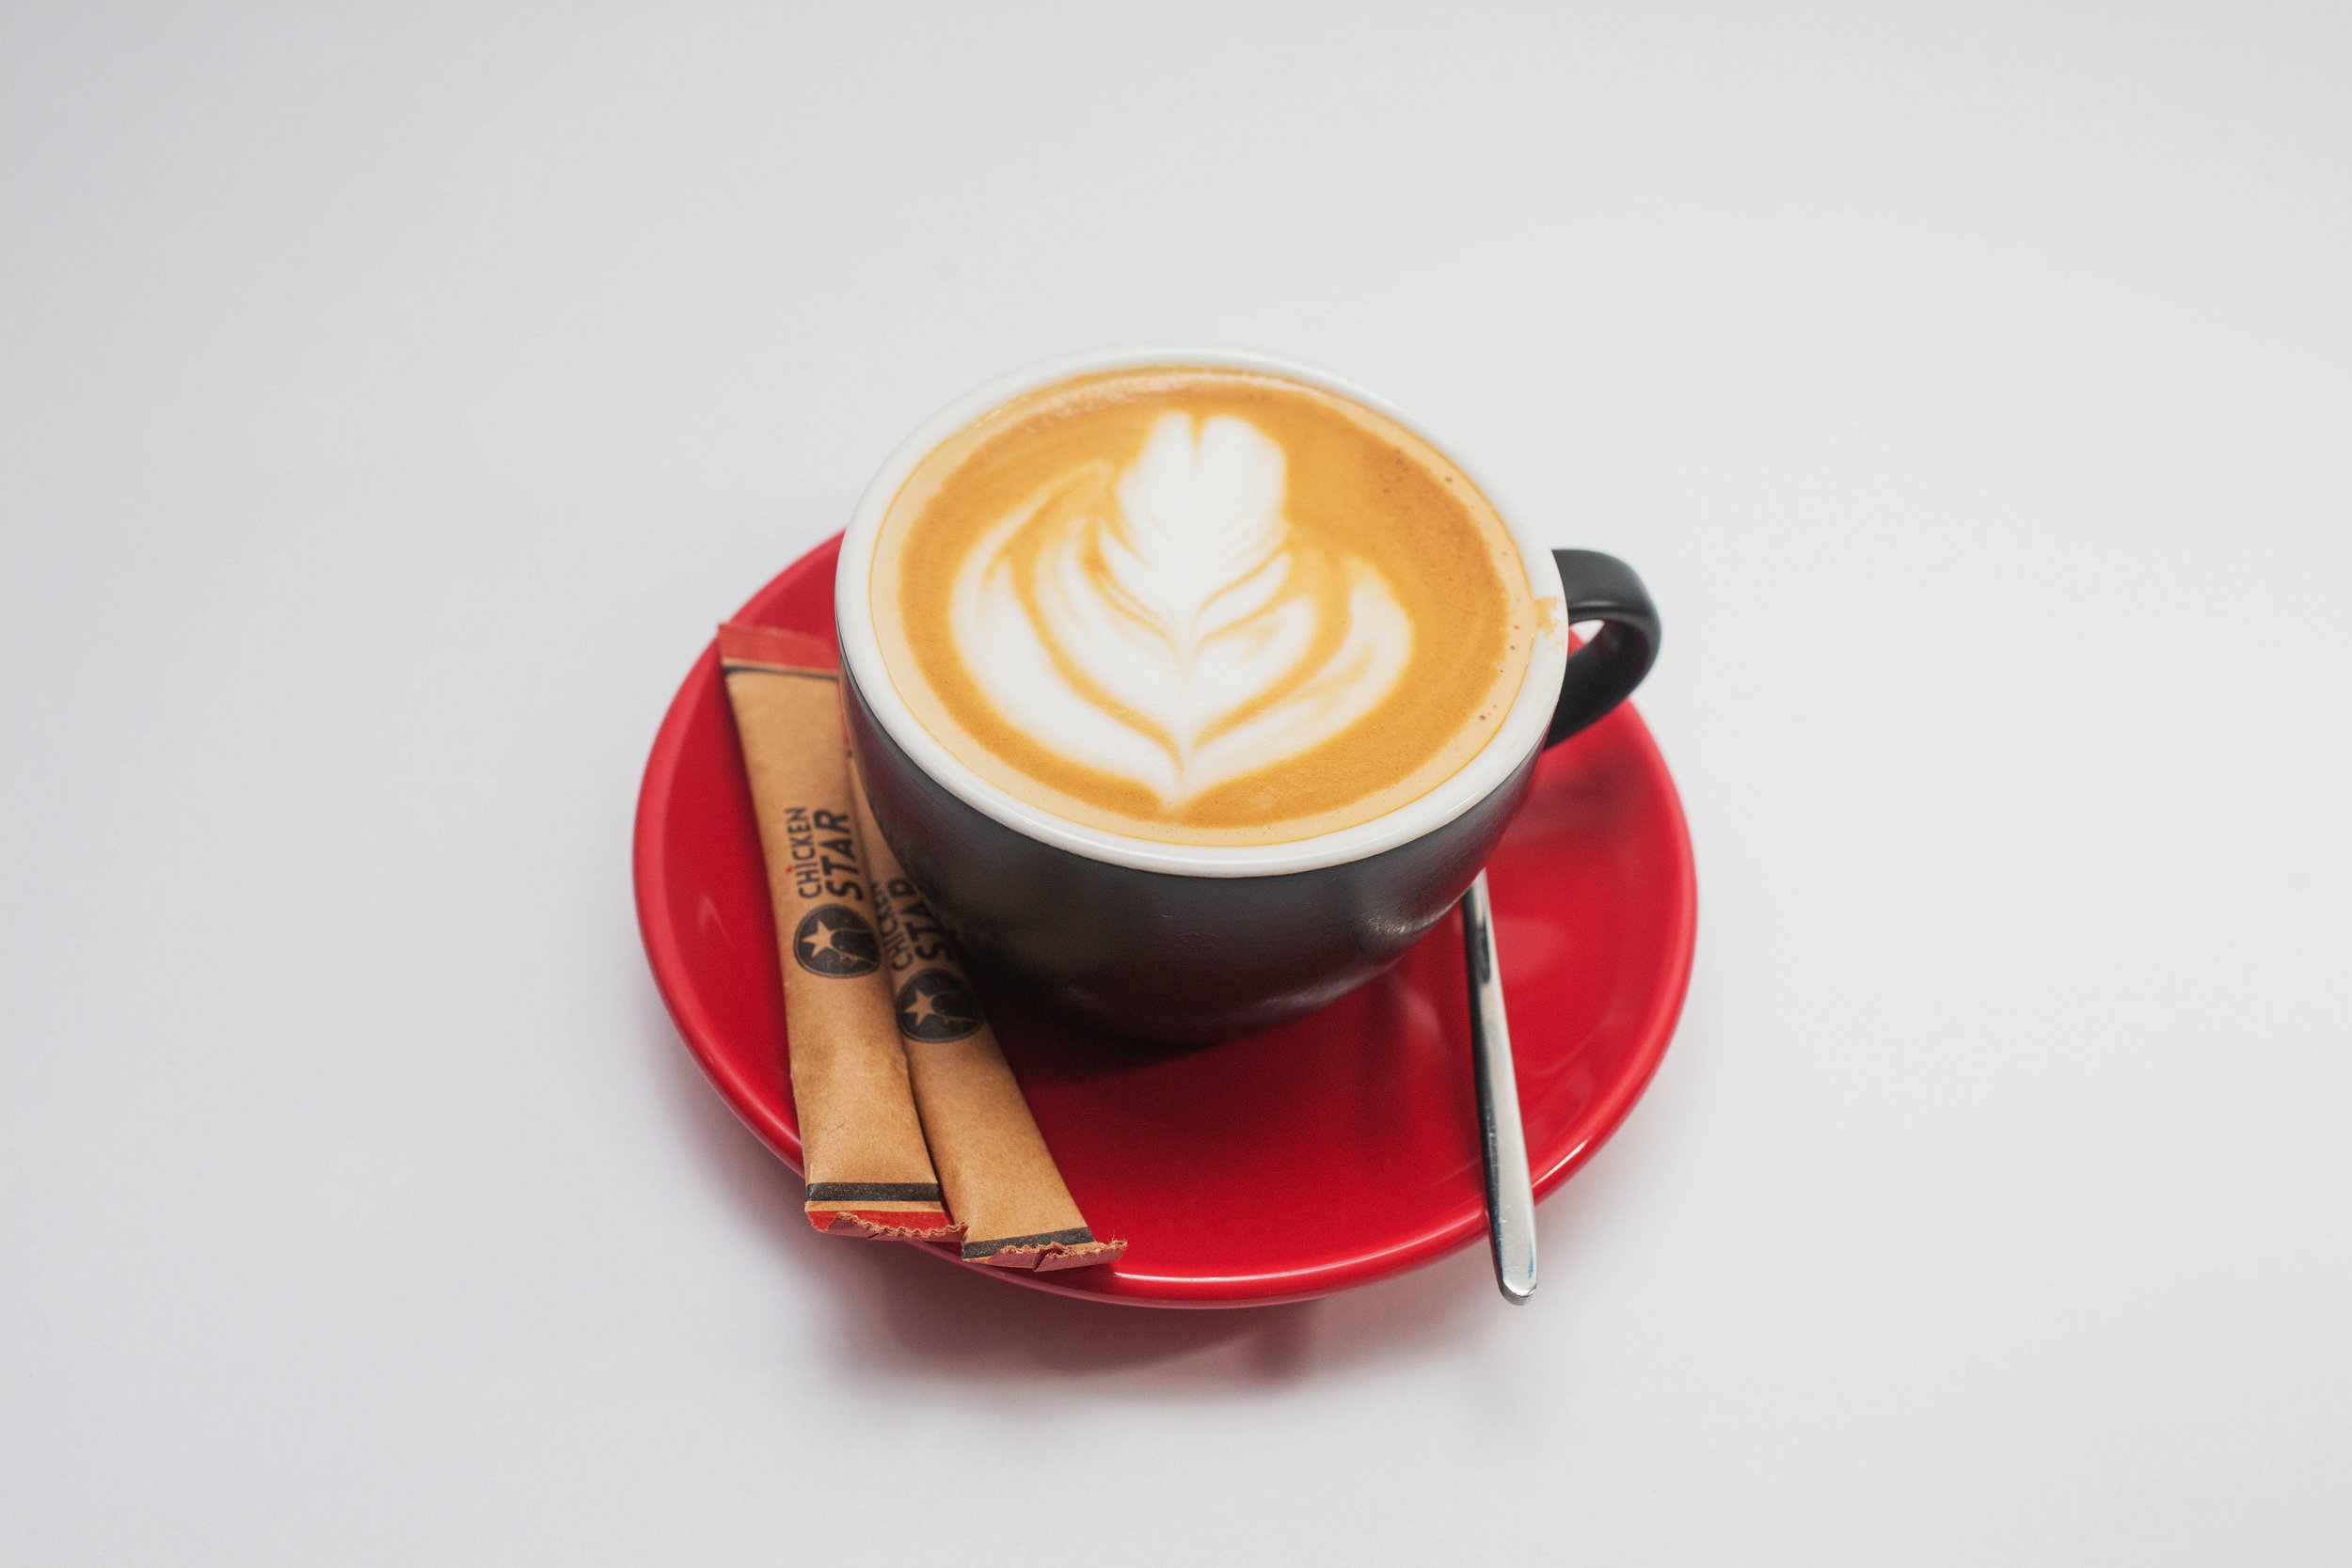 Latte - Hot / Iced160 kgs / 190 kgs